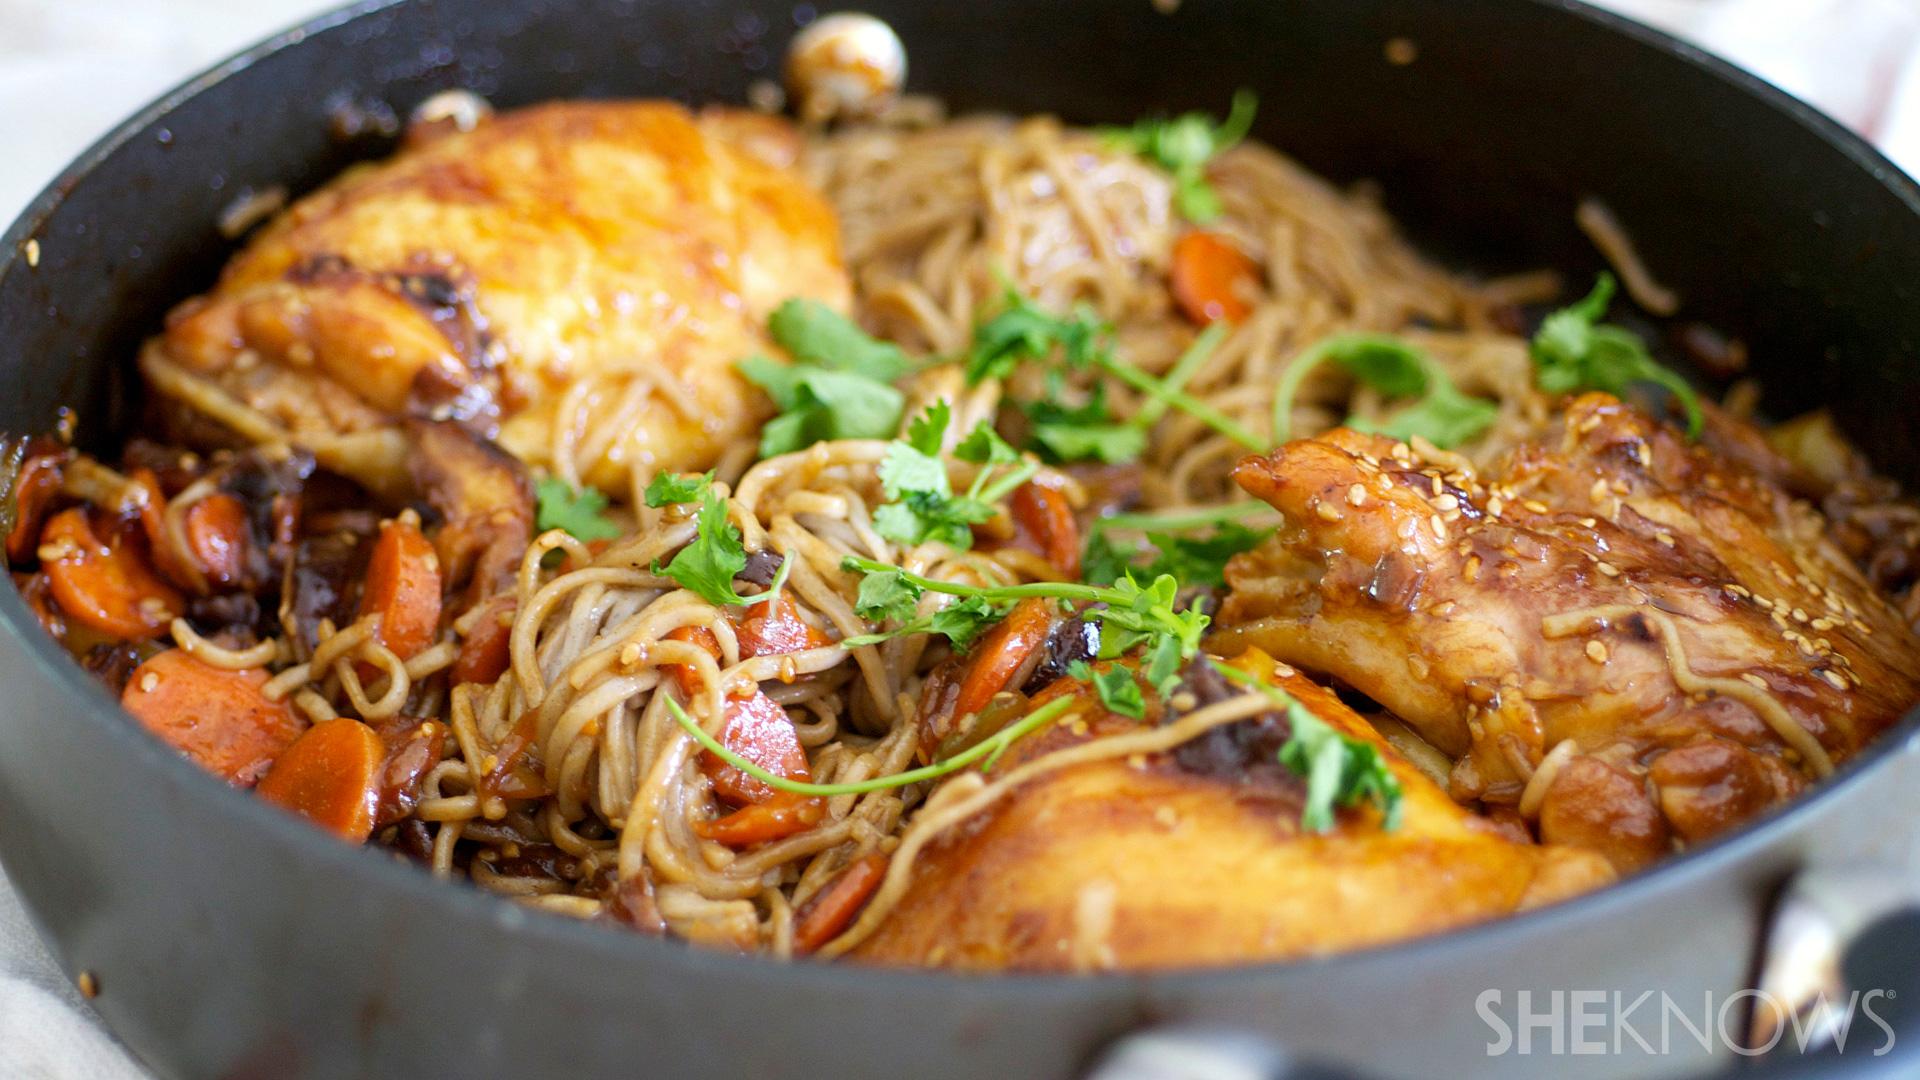 Sesame chicken and hoisin soba noodles